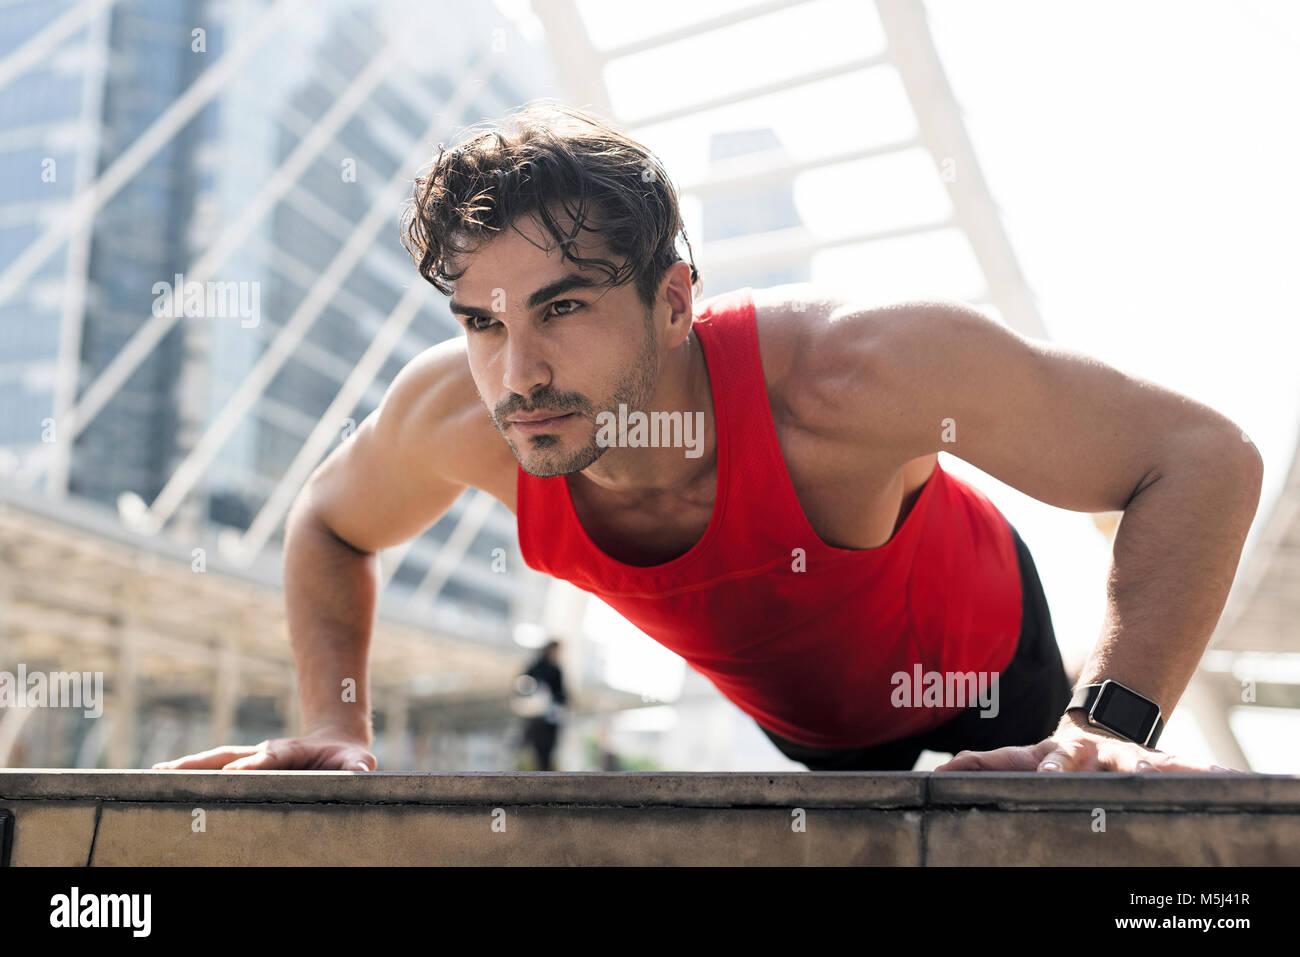 Atleta ejercer push-ups en la ciudad Imagen De Stock